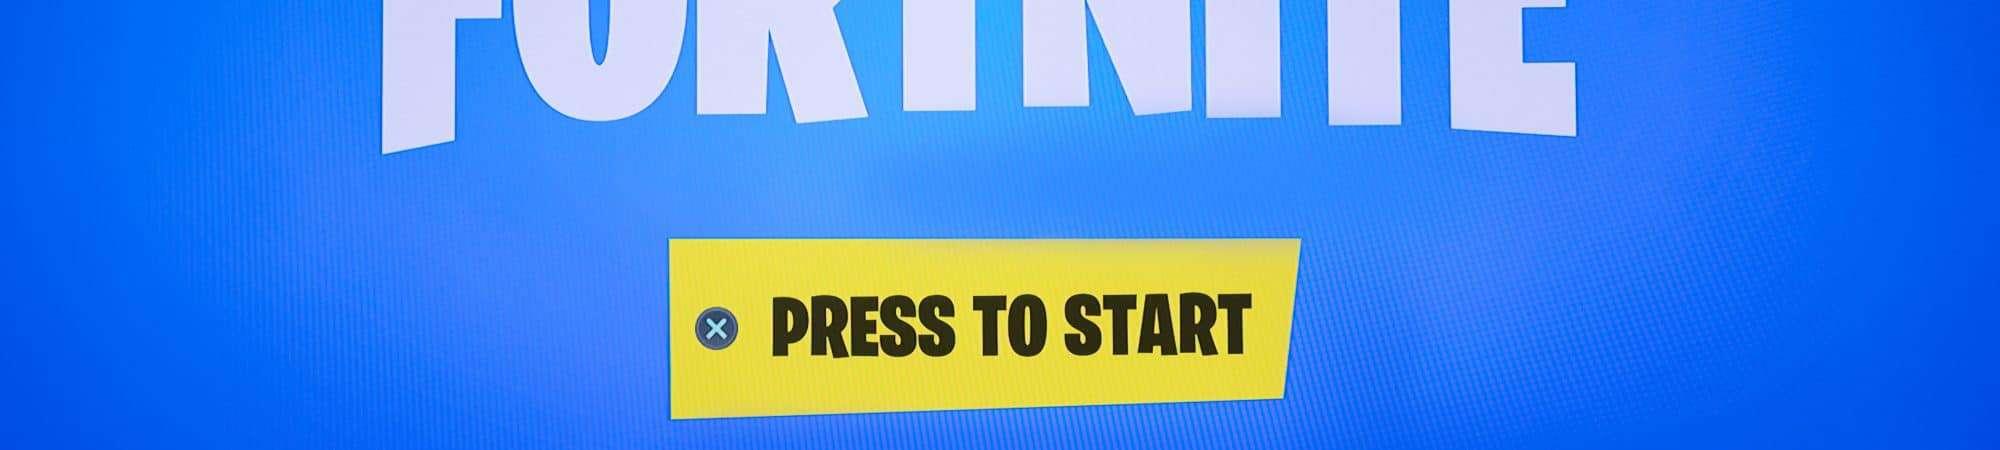 Epic Games não permite que Fortnite seja incluído no Xbox Cloud Gaming. Imagem: Miguel Lagoa / Shutterstock.com